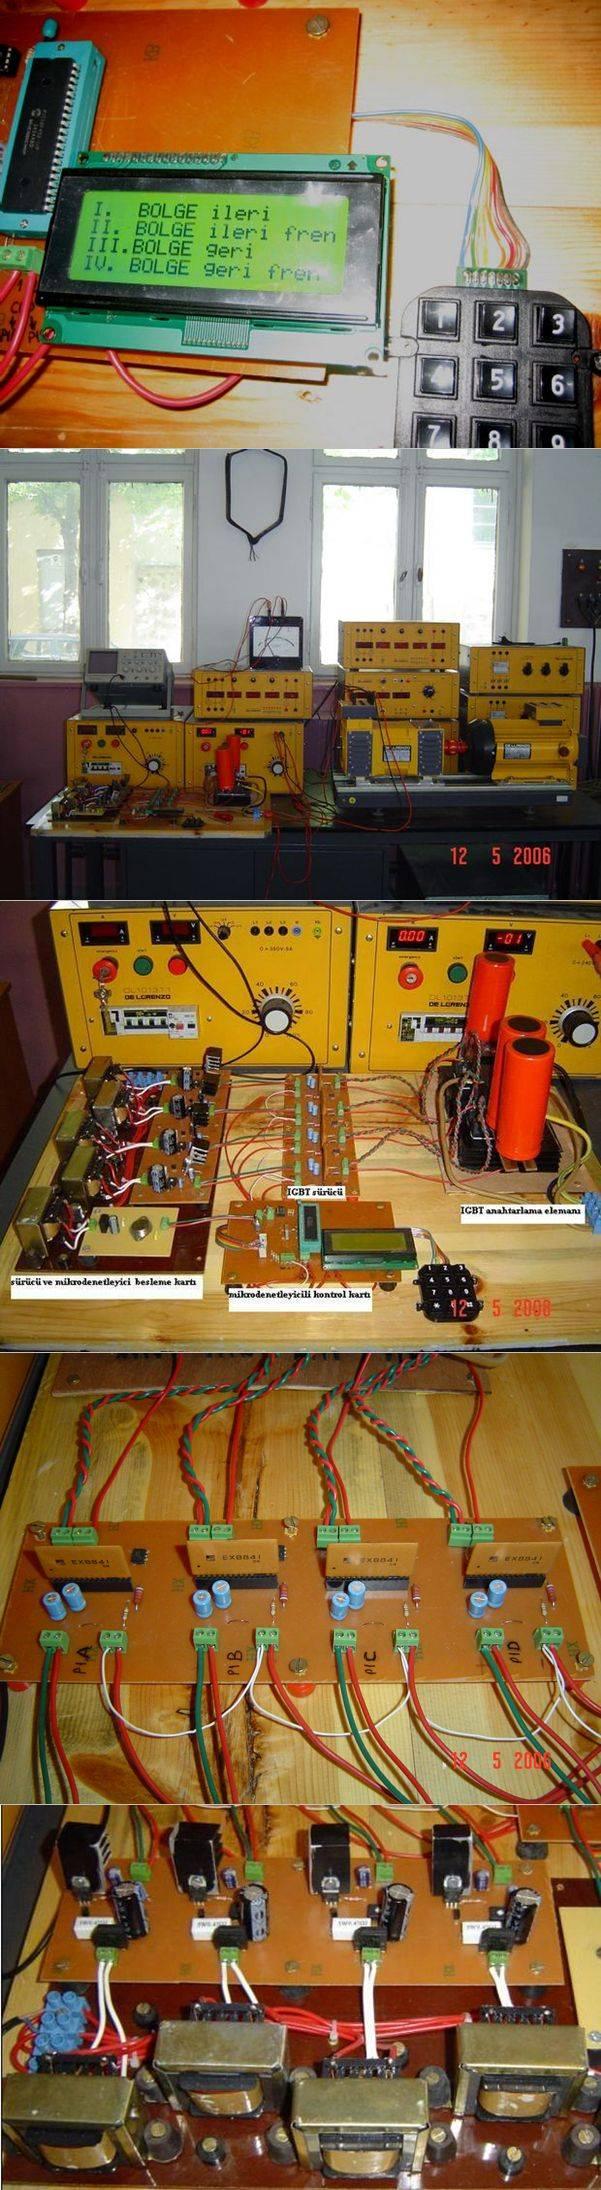 SSC-đúng-dòng chảy tốc độ động cơ tốc độ điều khiển động cơ điều khiển-IGBT pic18f4520